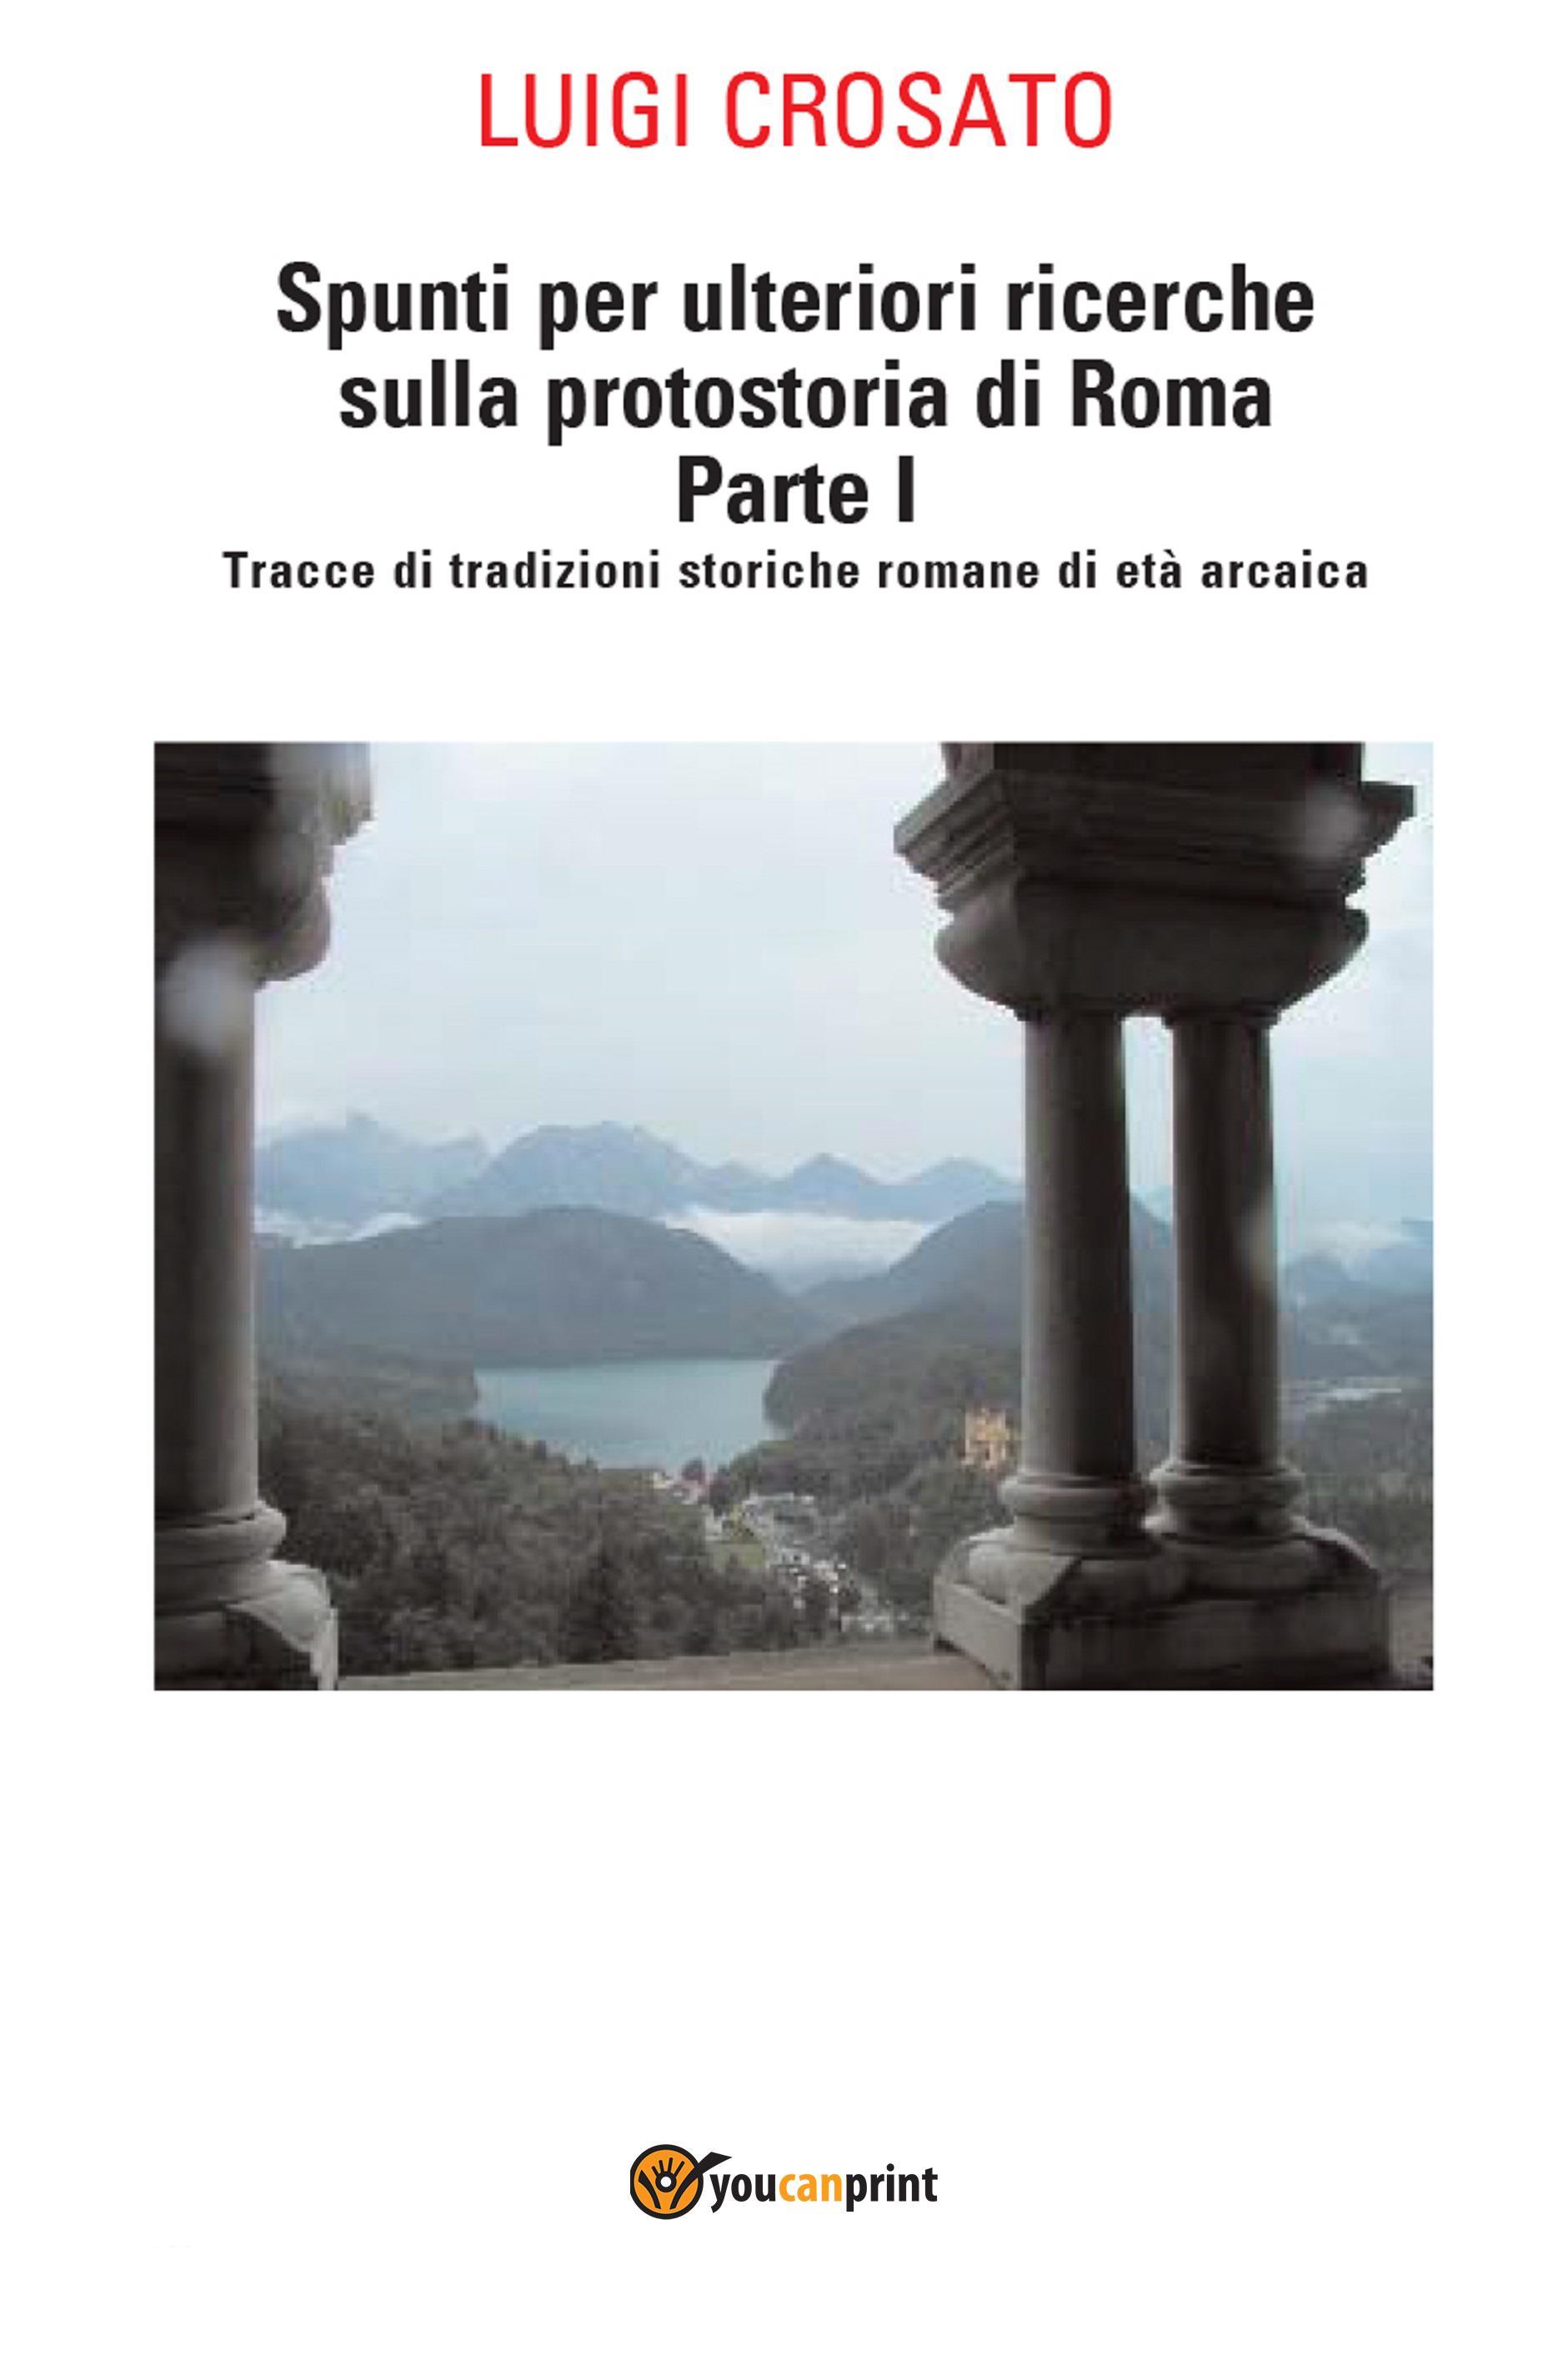 Spunti per ulteriori ricerche sulla protostoria di Roma Parte I